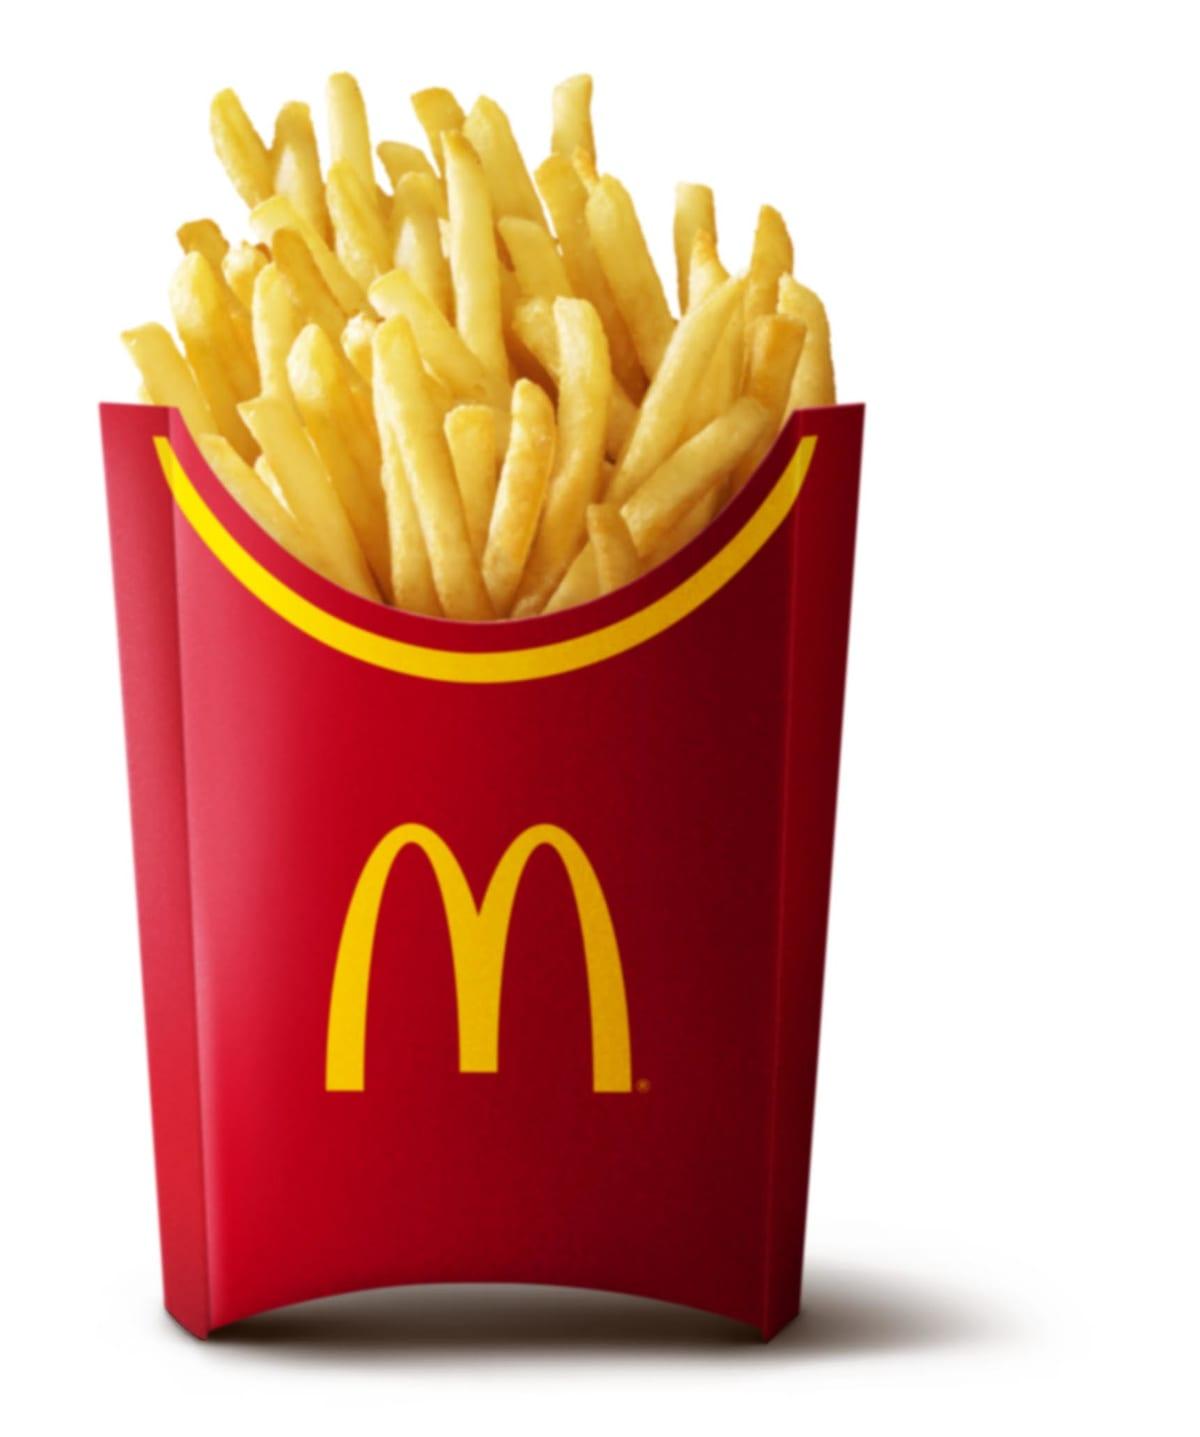 マクドナルドのフライドポテトのトランス脂肪酸を検査しました